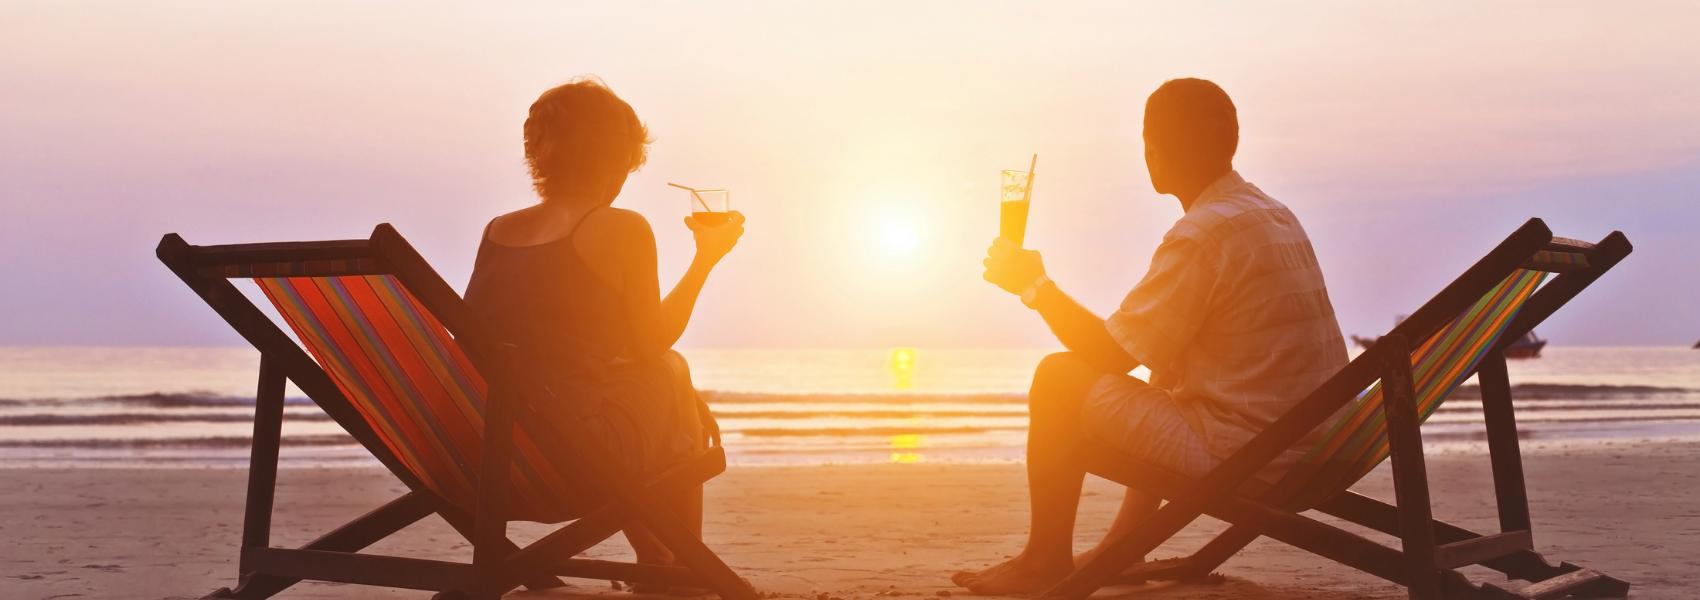 10 gode råd til en bekymringsfri ferie